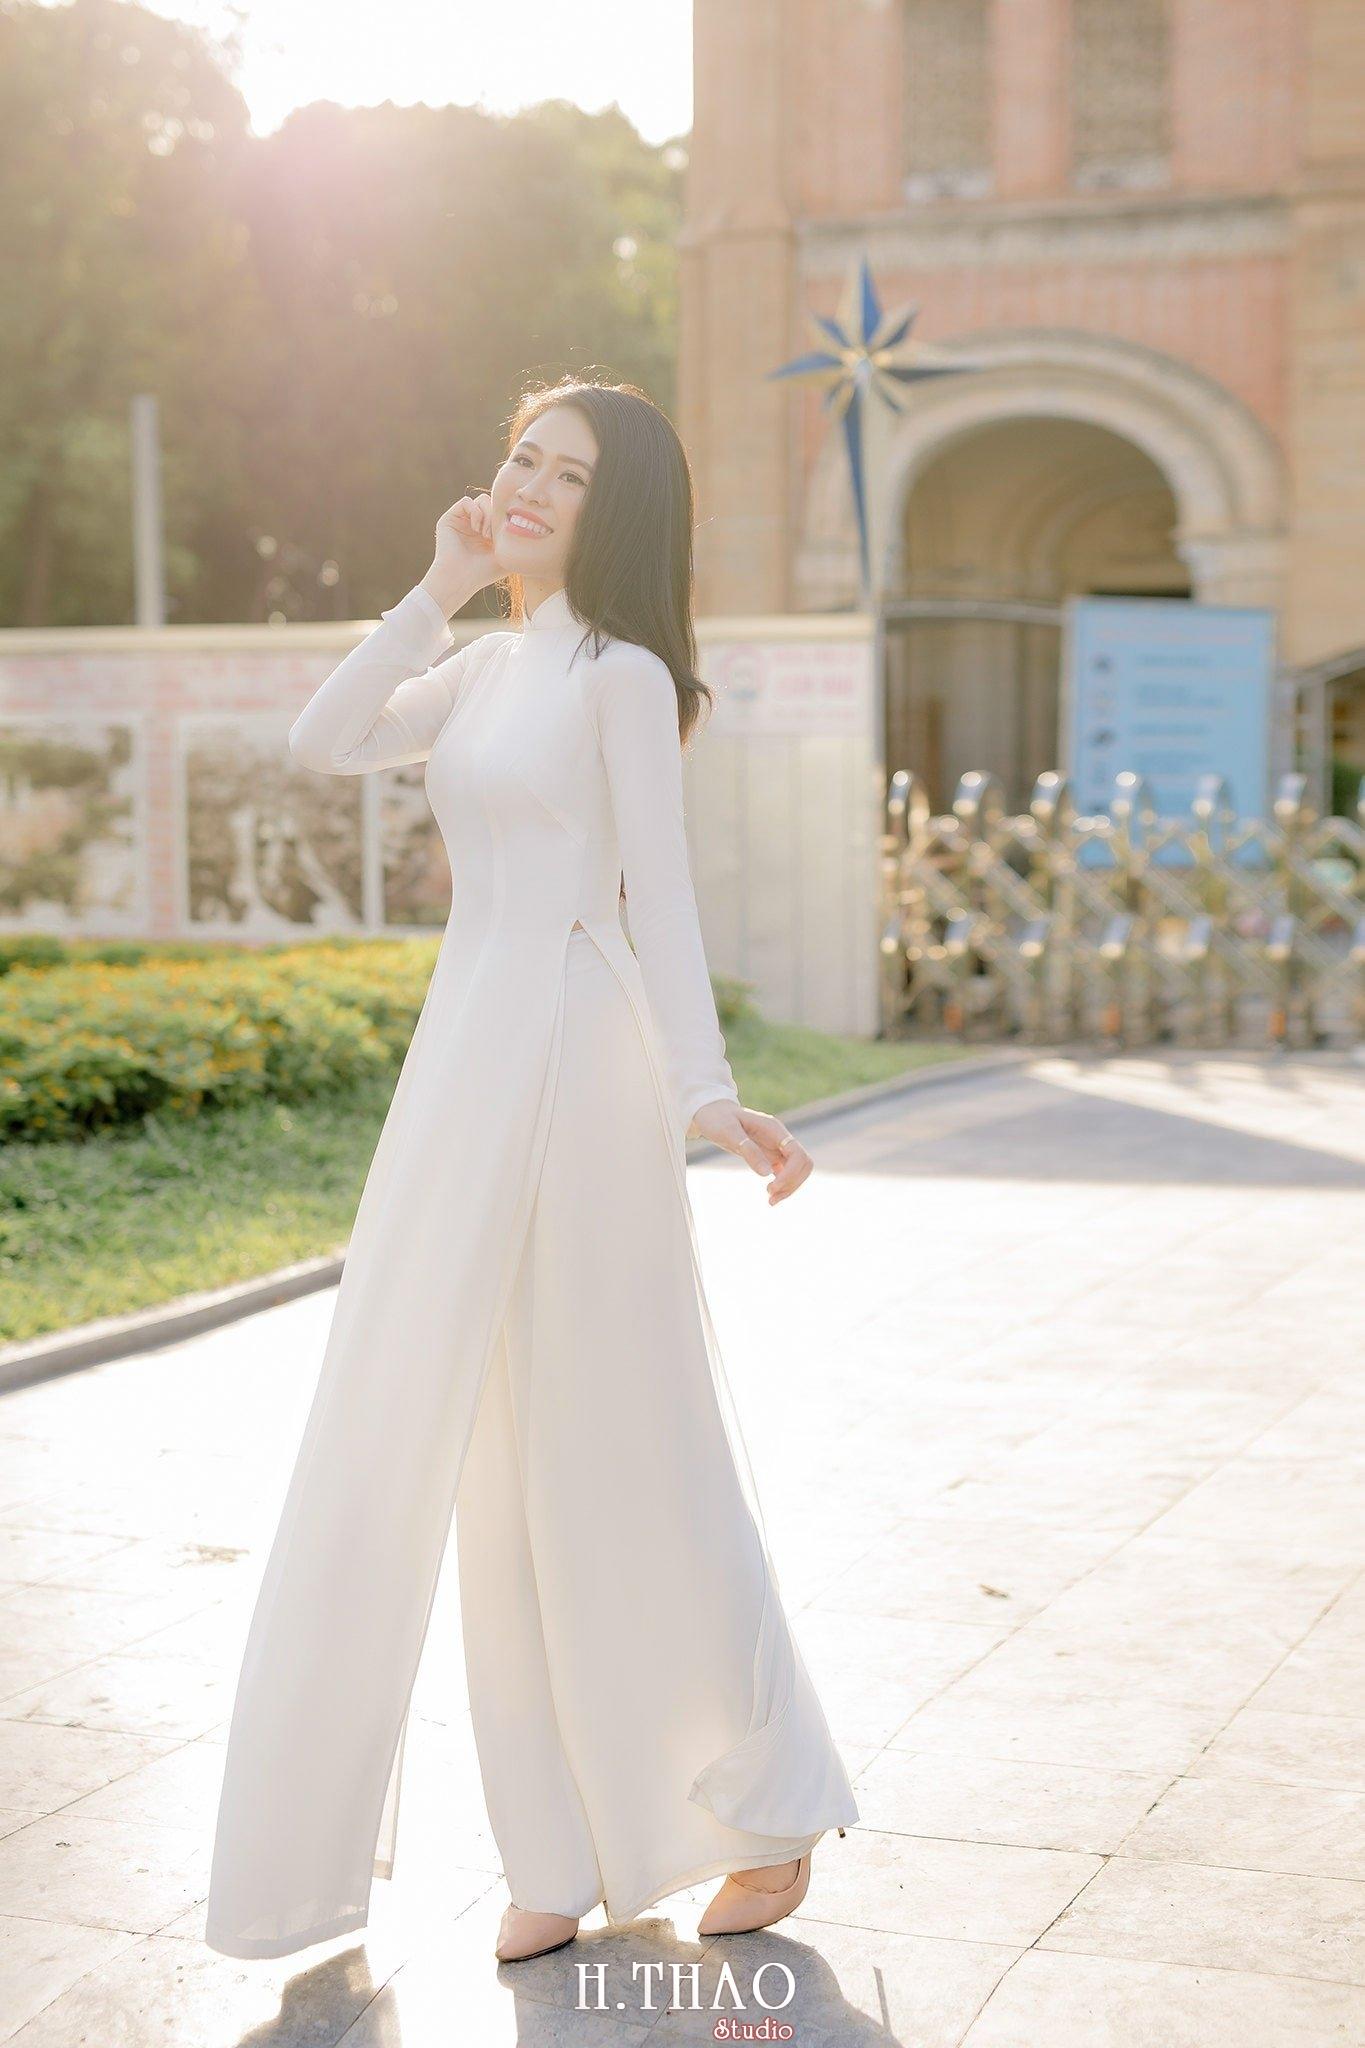 áo dài ở nhà thờ đức bà